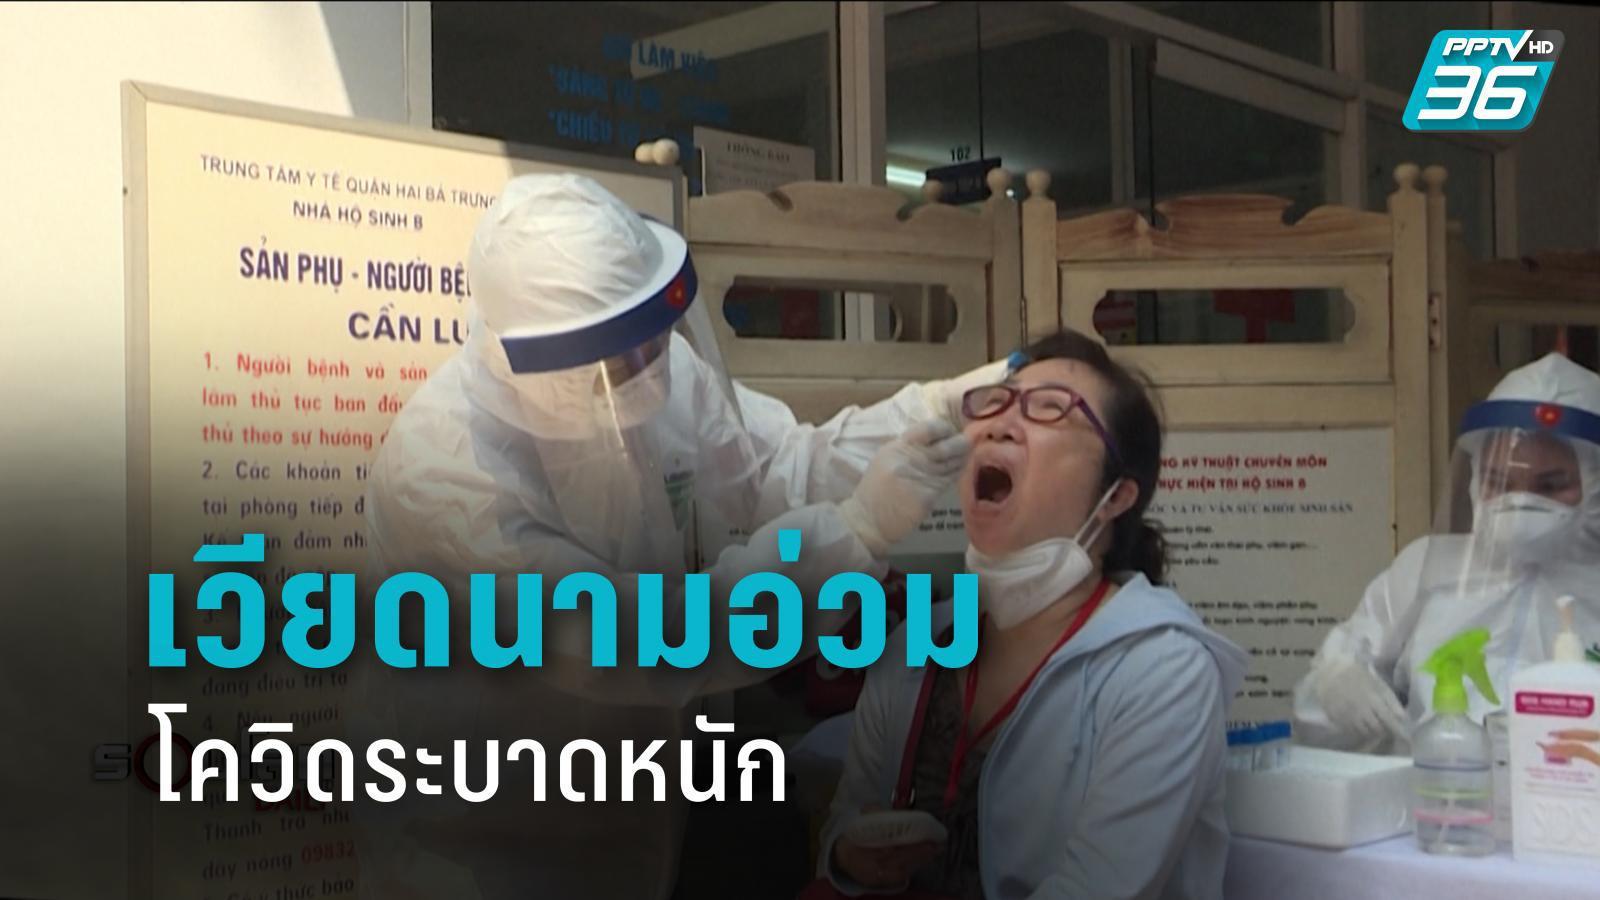 เวียดนาม โควิด-19 ระบาด สัปดาห์เดียวติดเชื้อกว่า 200 ราย